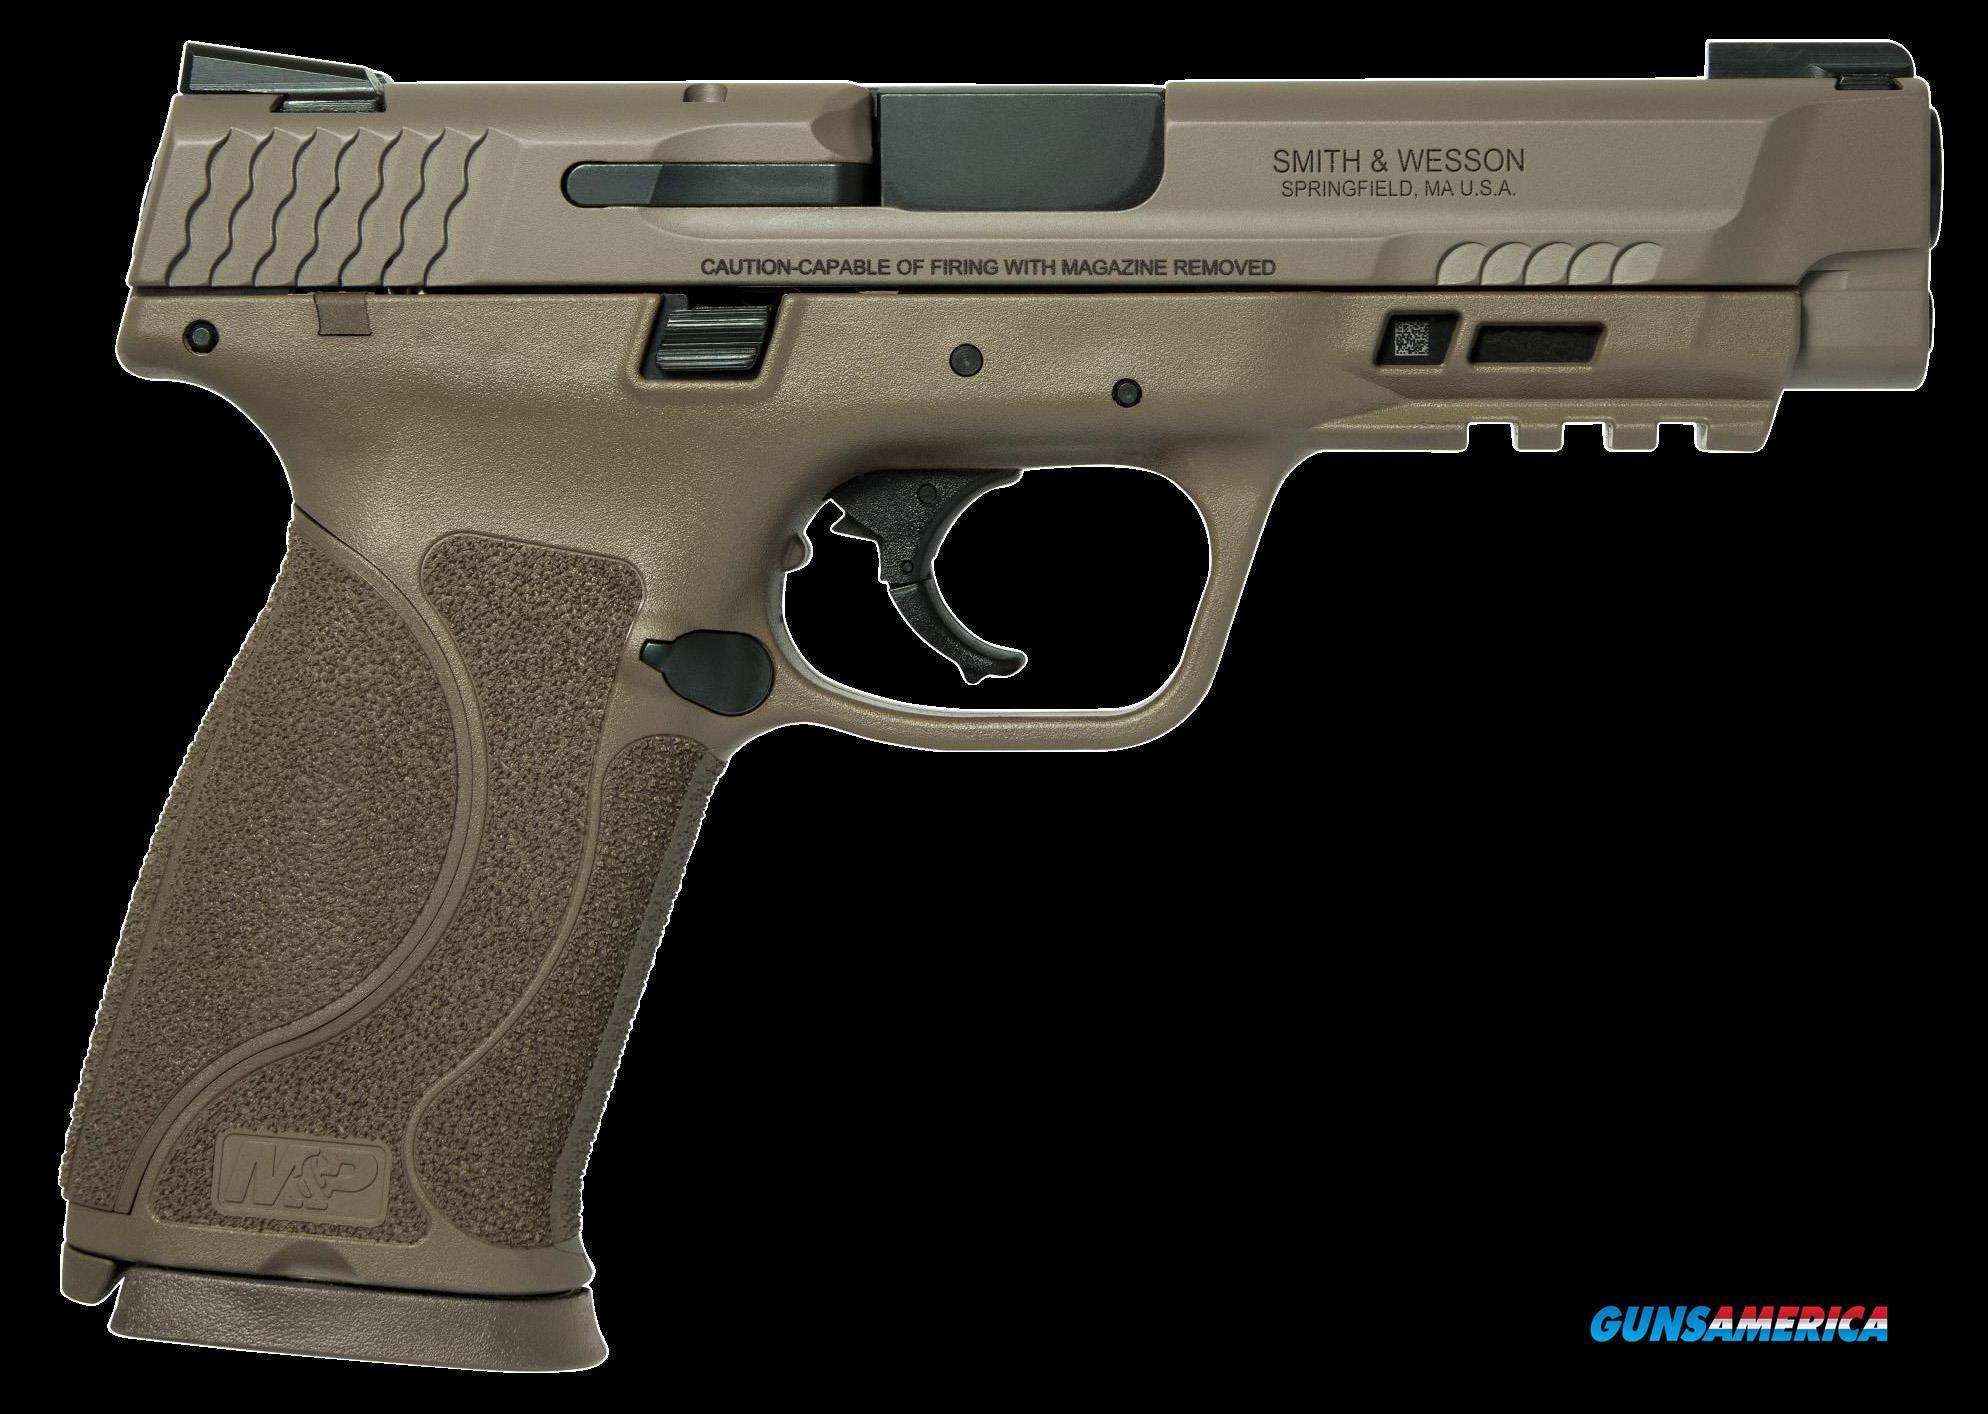 Smith & Wesson M&p 45, S&w M&p45     11769   45 4.6 M2.0 Tru Nts Fde 10r  Guns > Pistols > 1911 Pistol Copies (non-Colt)